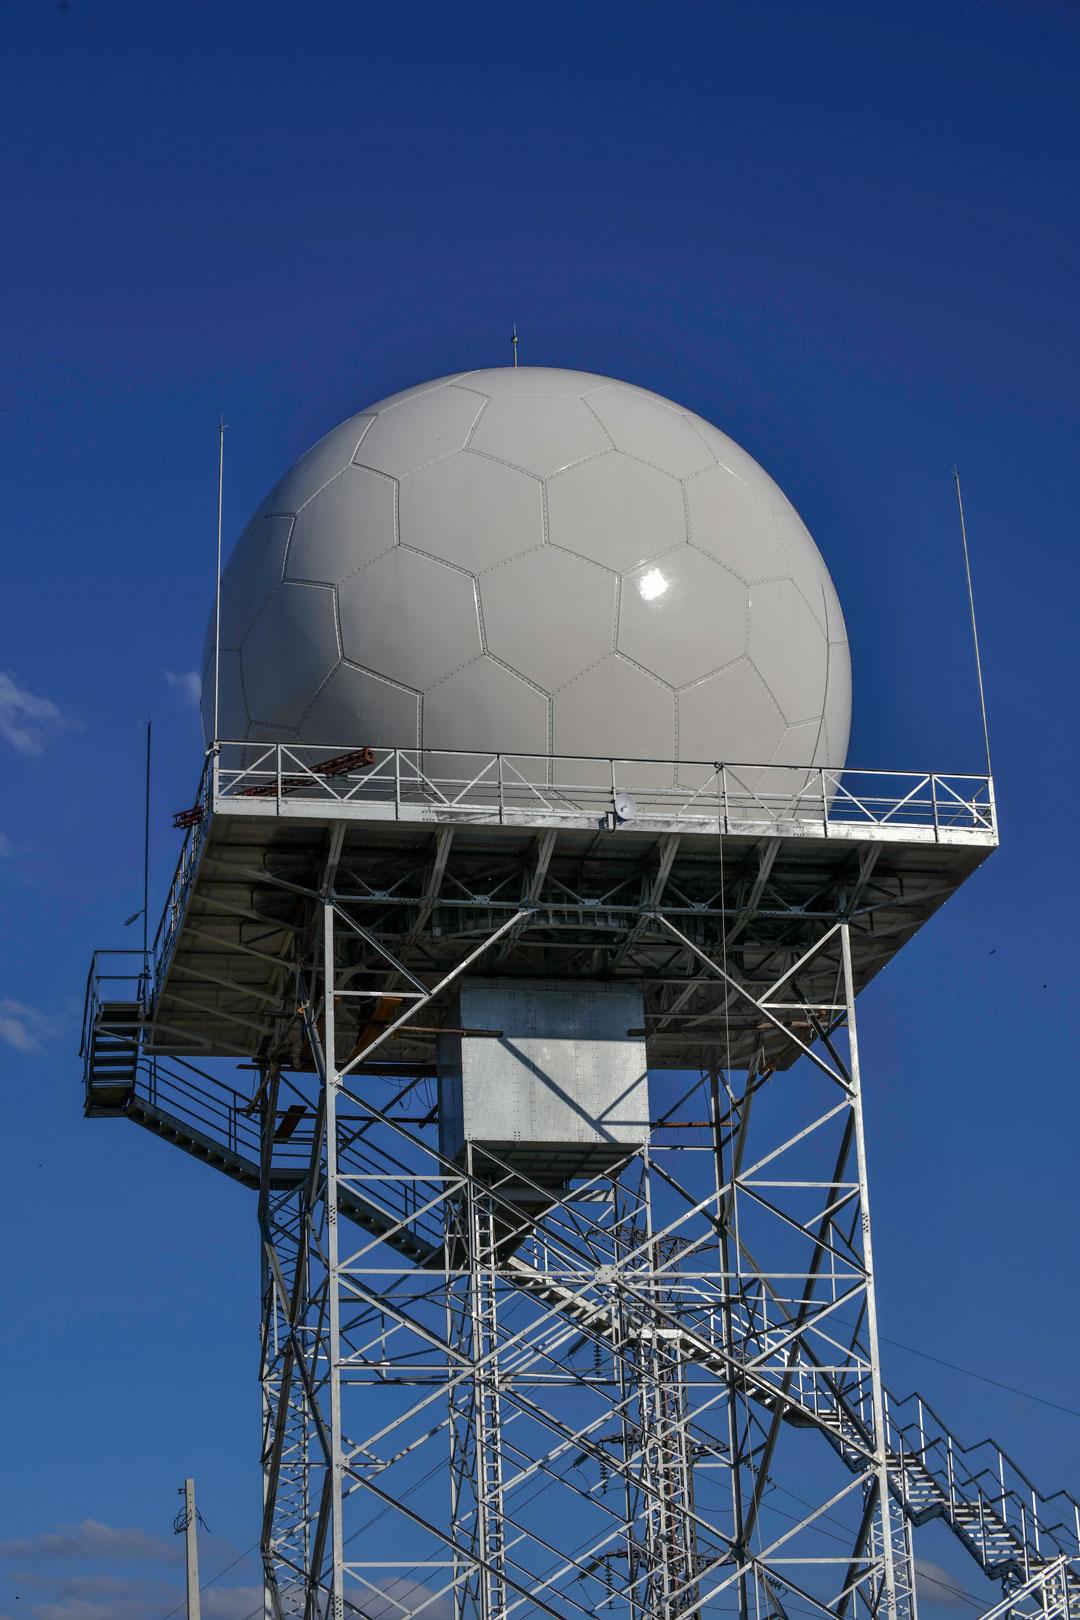 O radar meteorológico RMT 0200 está instalado em uma área  do Cemaden, ao lado do Parque Tecnológico de São José - Foto: Lucas Lacaz Ruiz/Rossi Comunicação